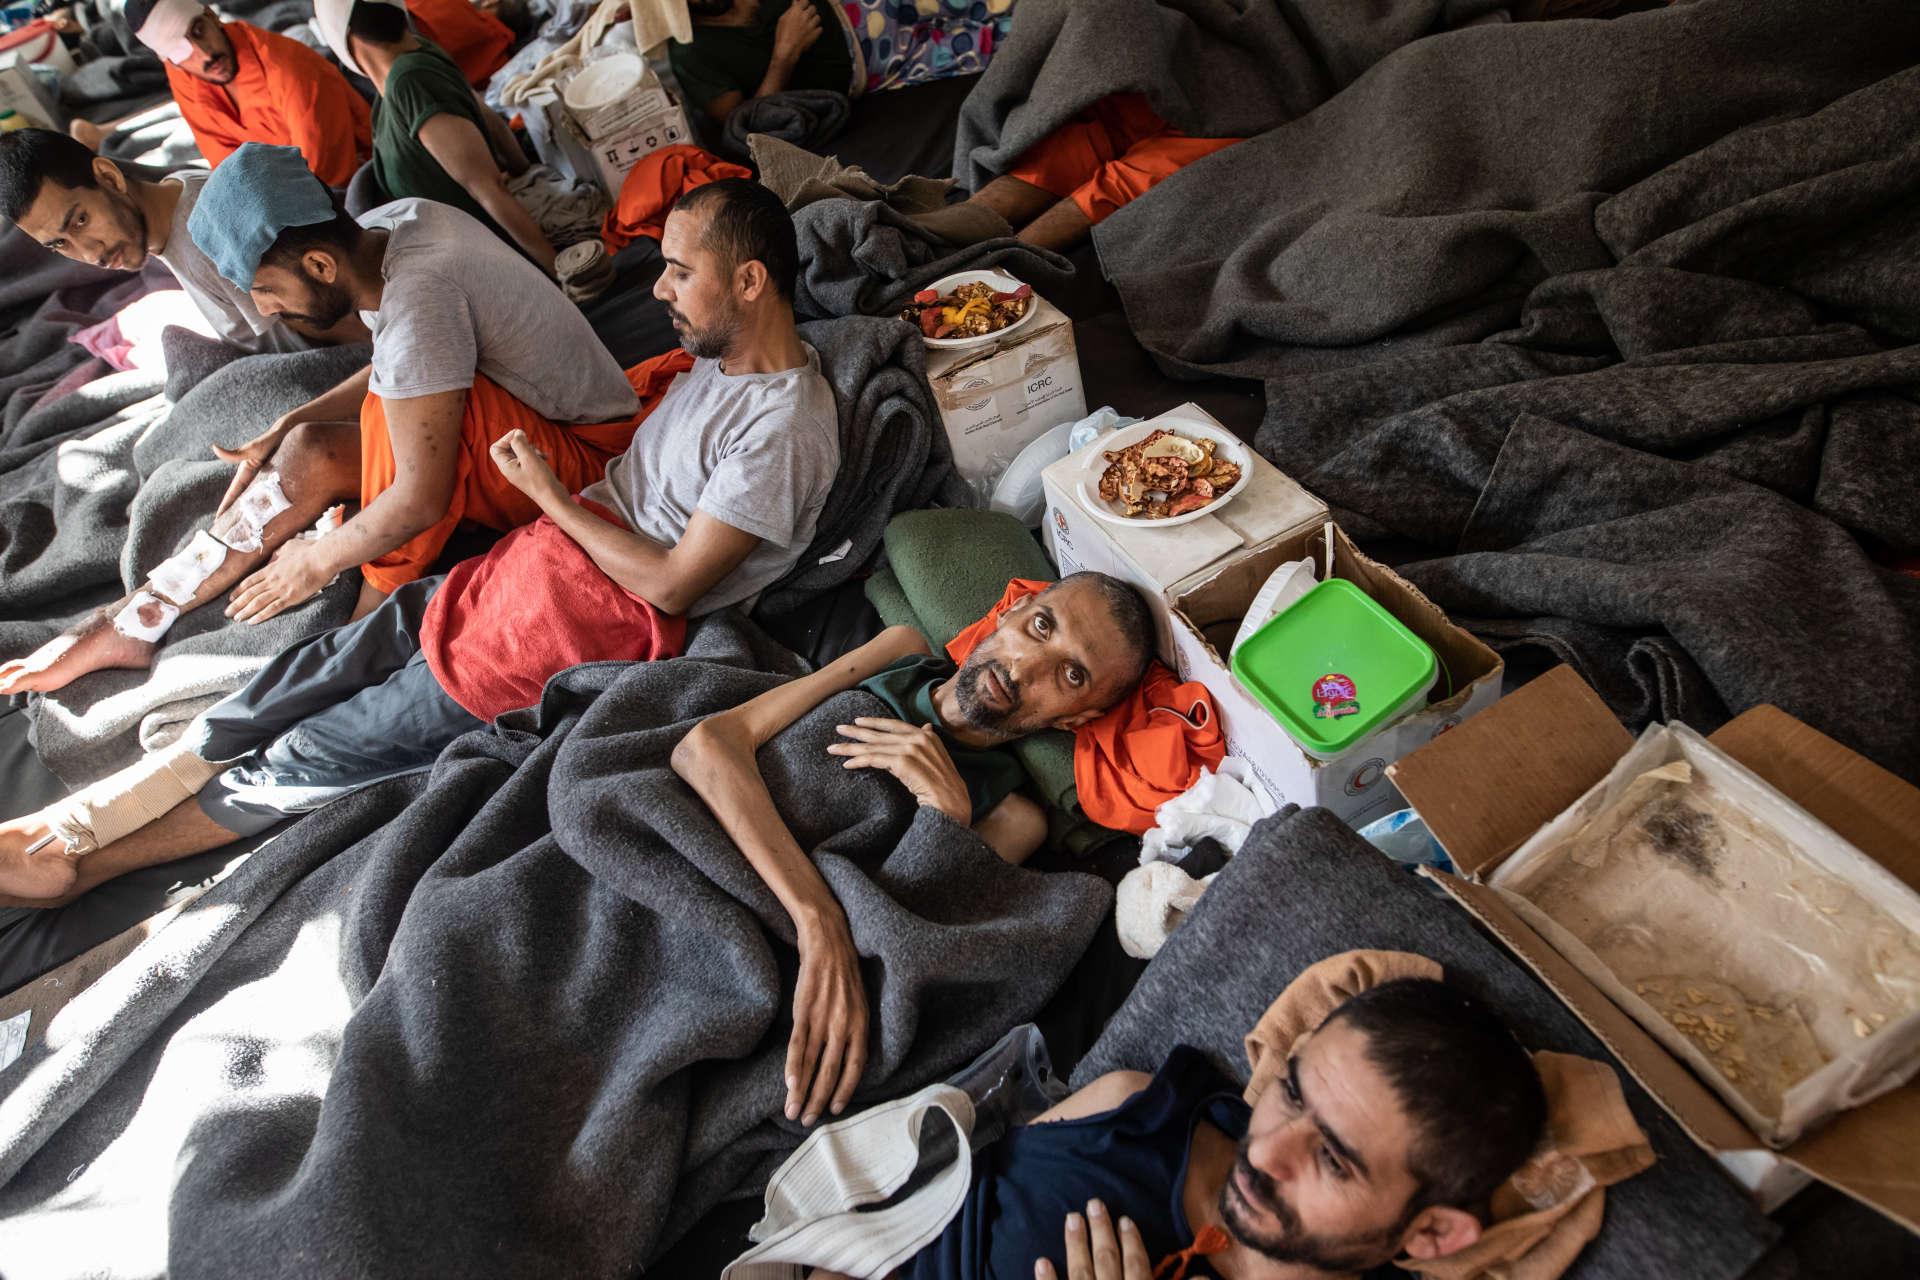 Une prison abrite des supposés membres de Daesh. Cette immense pièce surpeuplée sert d'hopital. Les blessés et les malades vivent ici. Les plus chanceux dorment dans un lit. D'autres sur un matelas en mousse à même le sol. Beaucoup de patients souffrent aussi de malnutrition en plus de maladie.Le 30 octobre 2019, Nord Est de la Syrie.